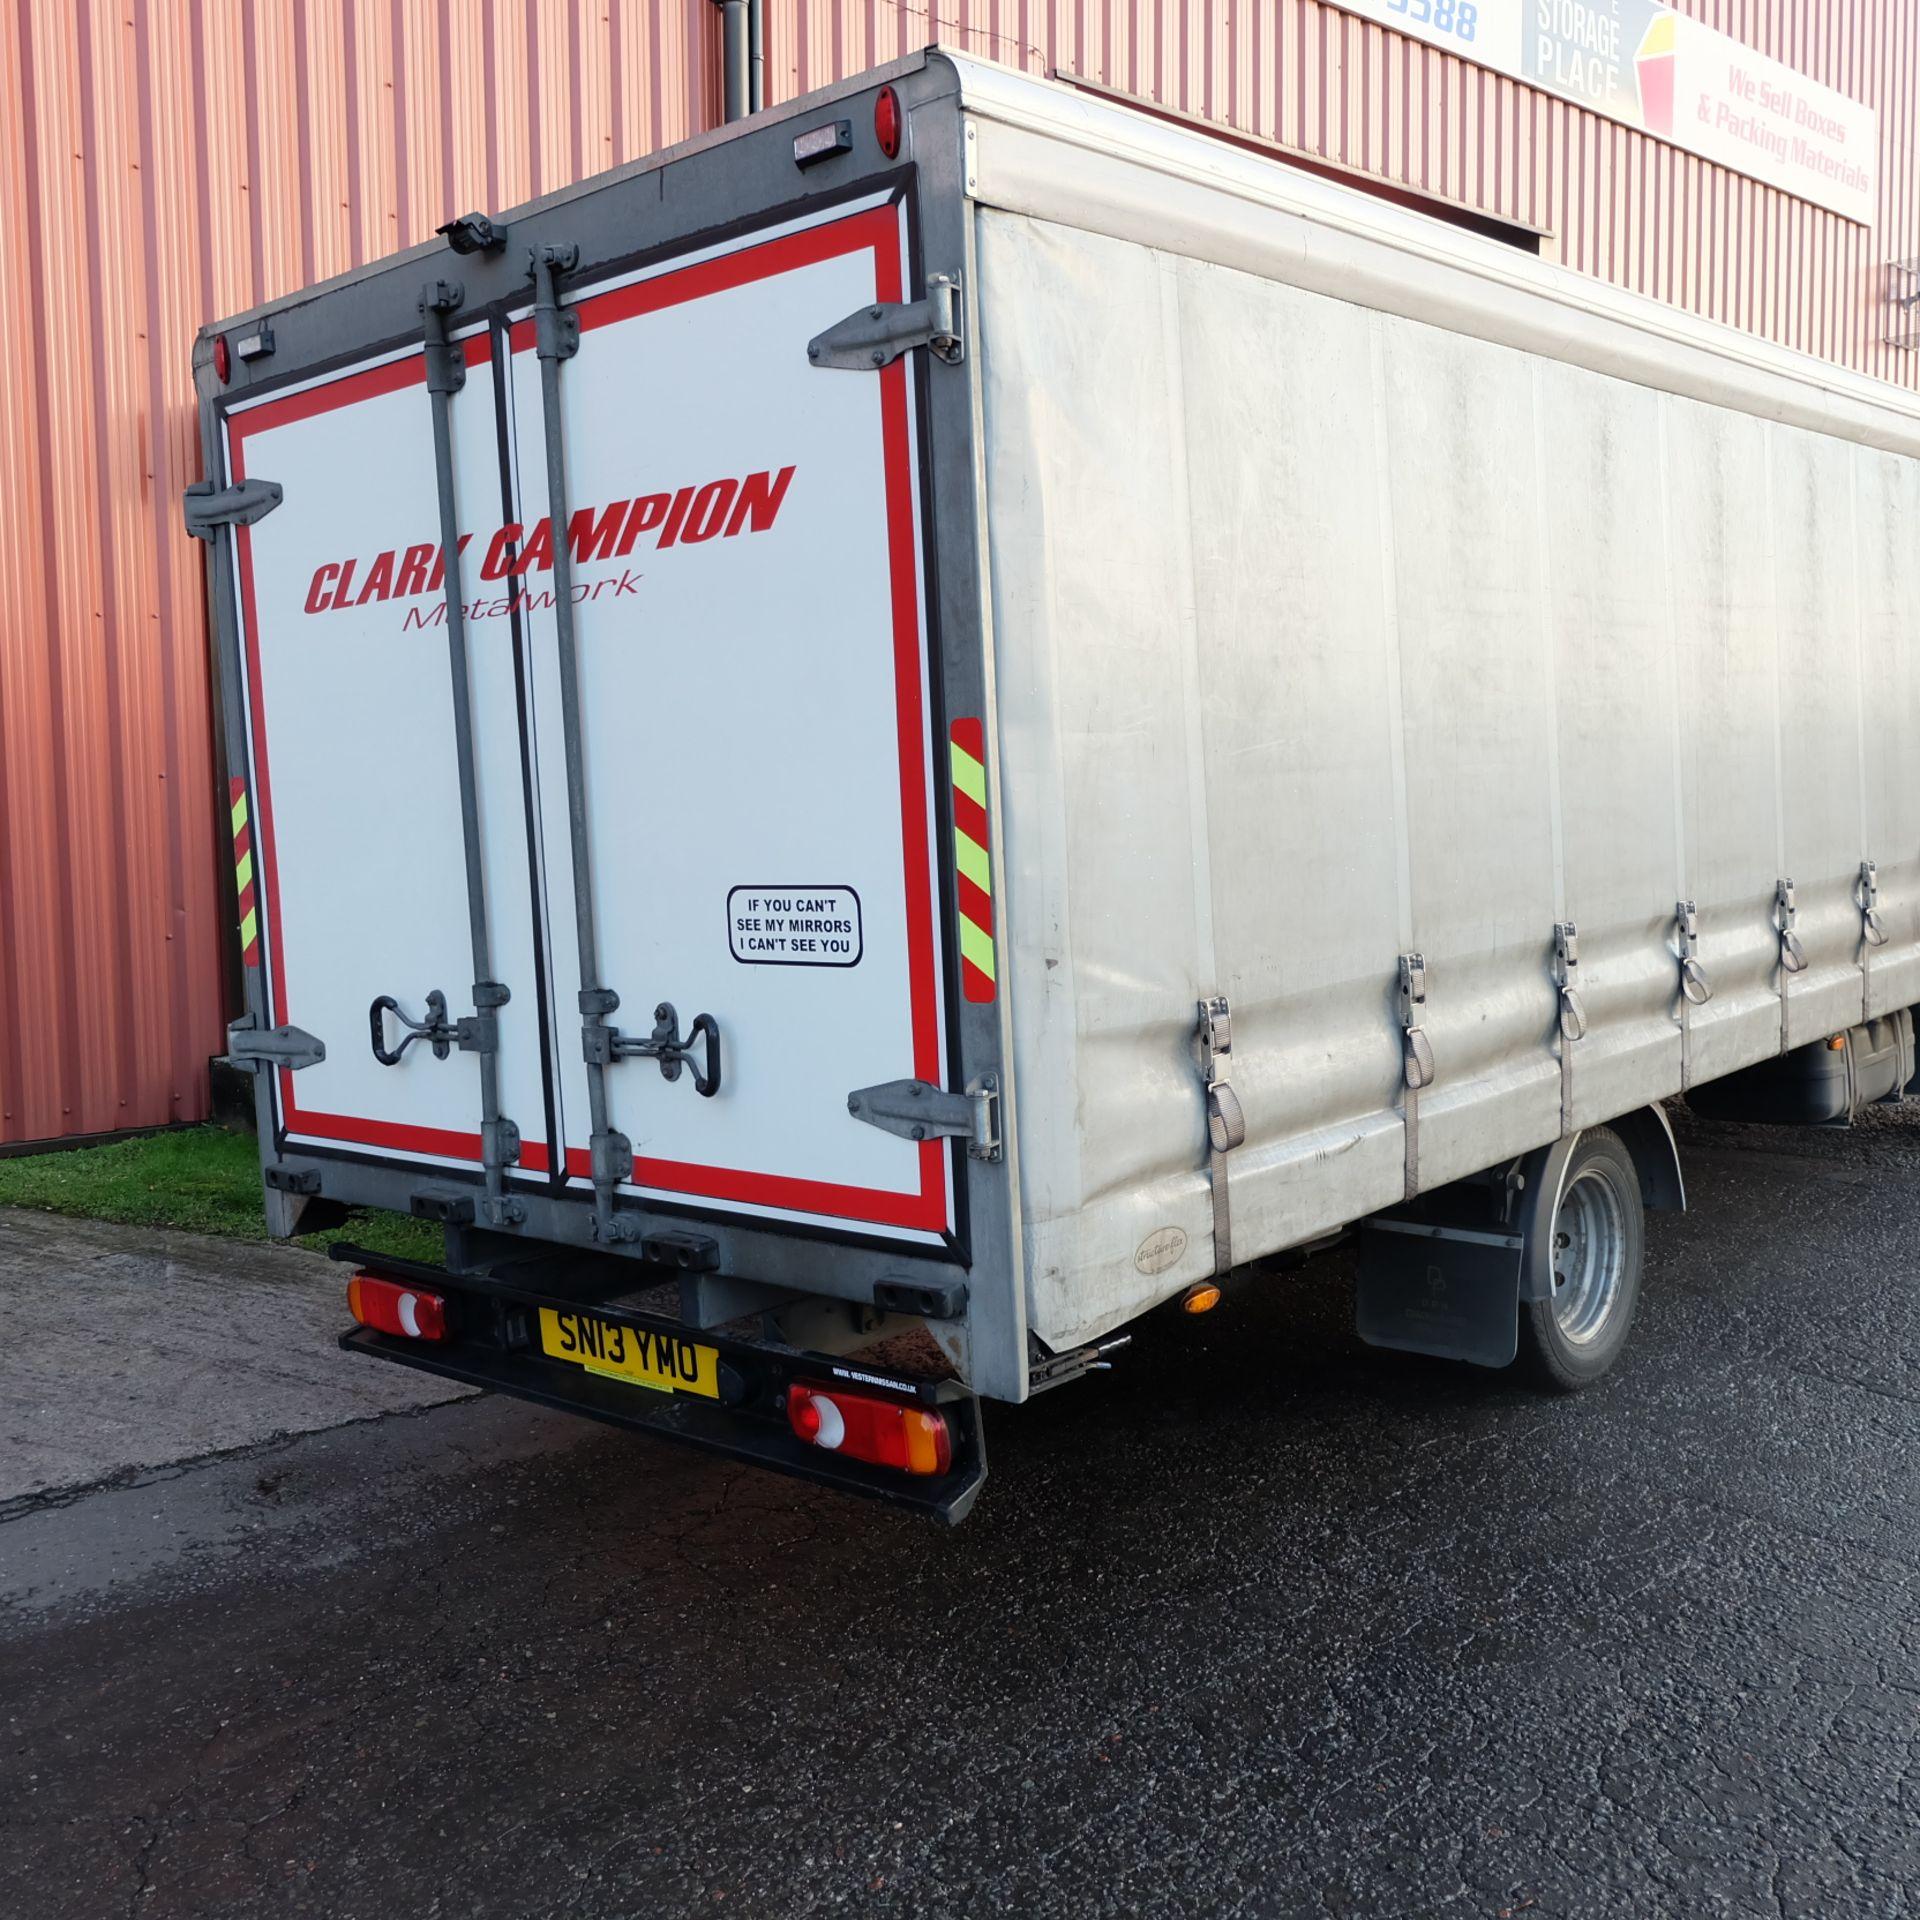 NISSAN CABSTAR 35.14 Rigid Bodied Curtain Truck. 3500KG Gross Weight. Sat Nav, Reversing Camera. - Image 4 of 14